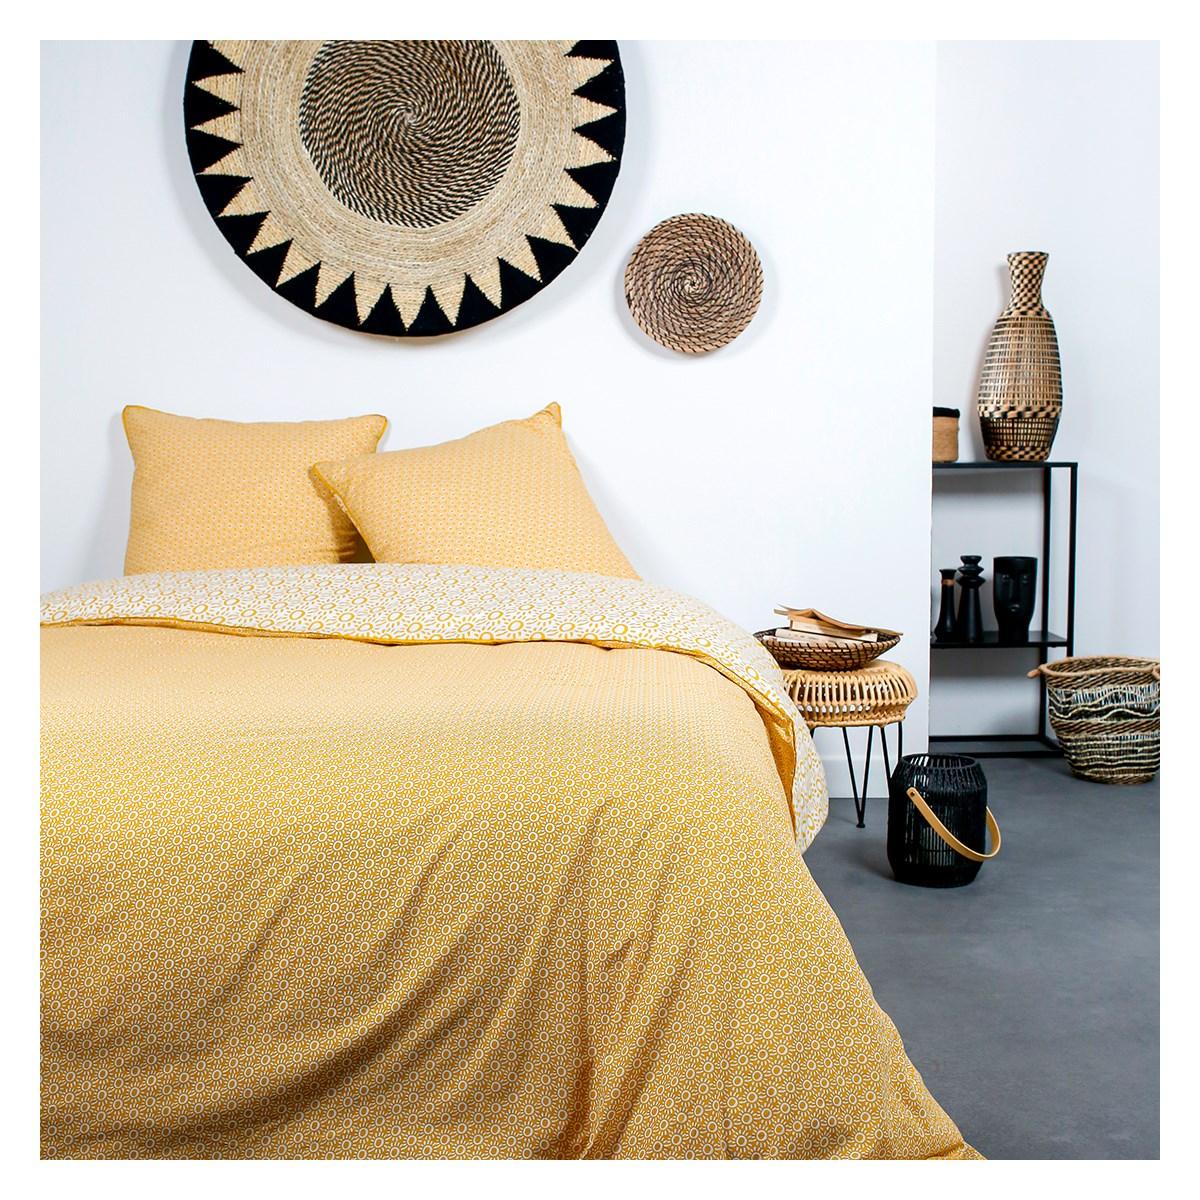 Parure de lit 2 personnes en Coton Multicolore 220x240 cm